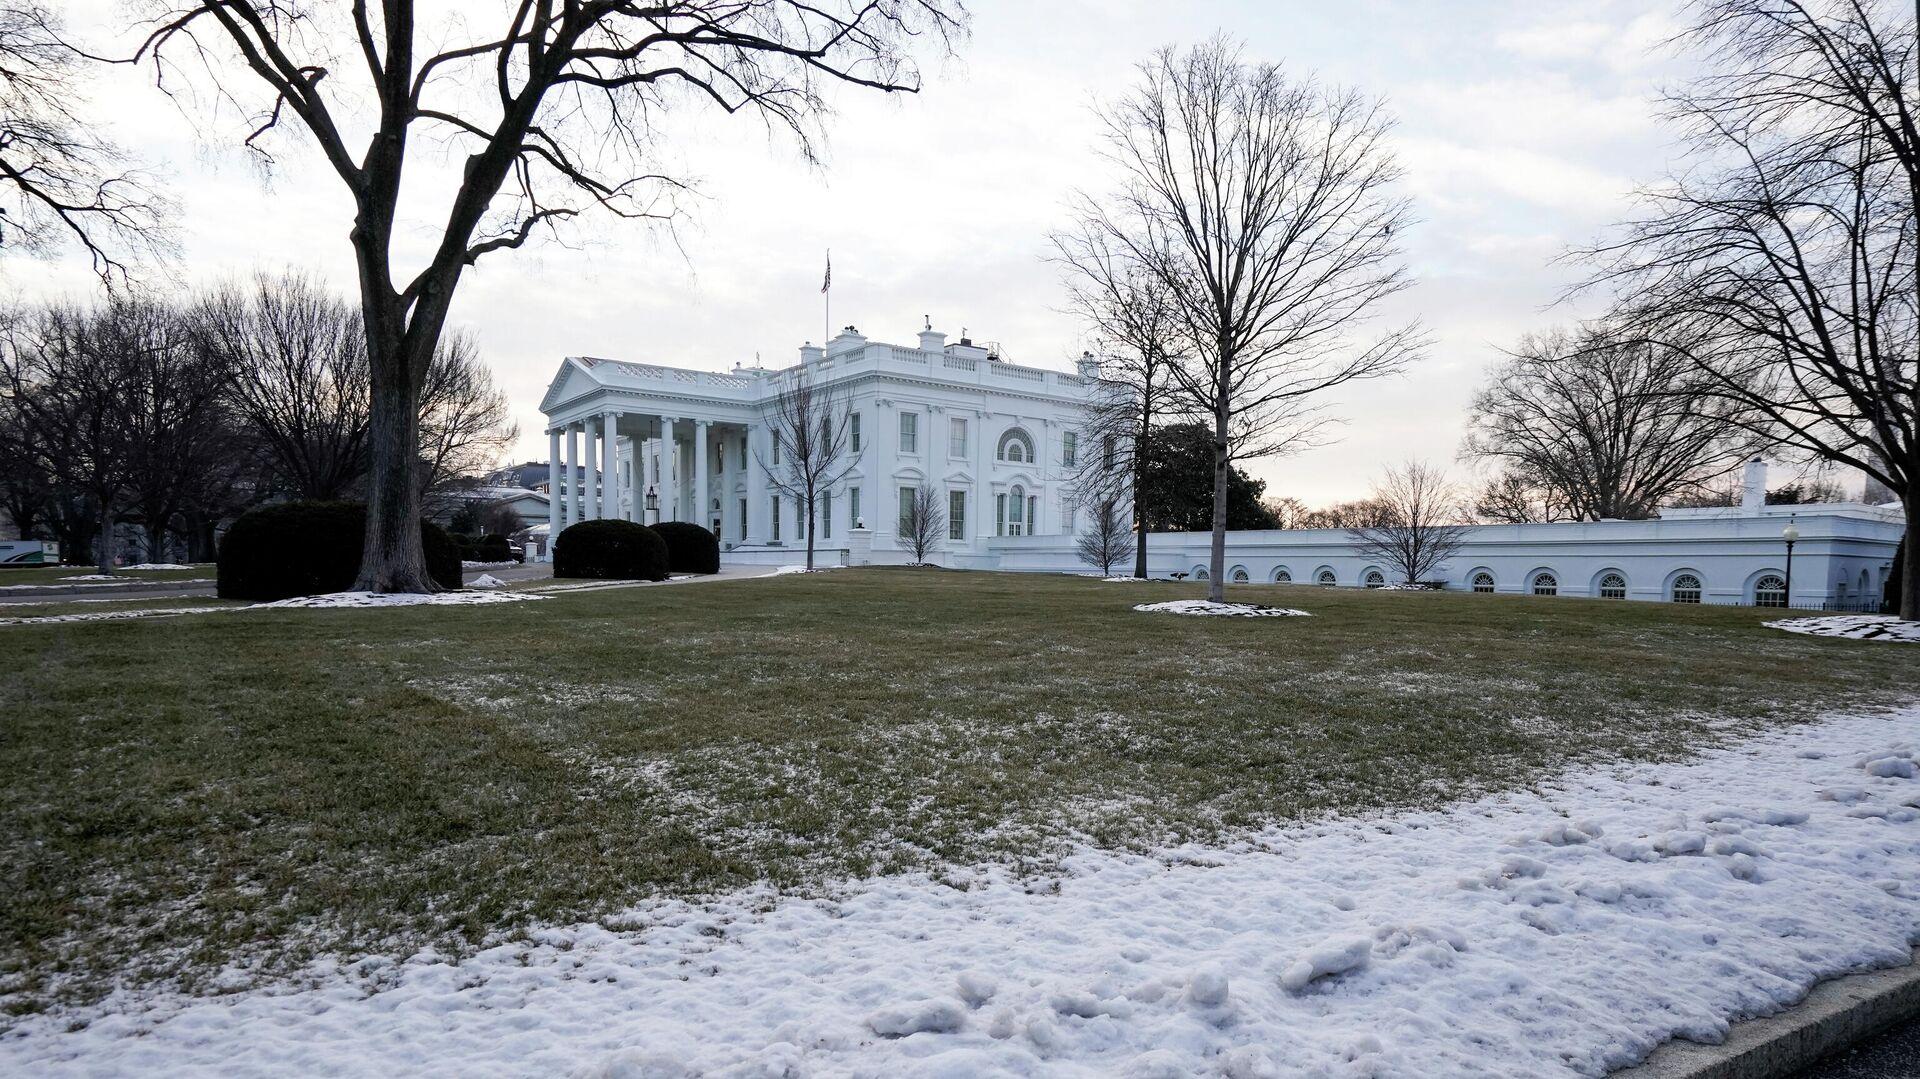 Здание Белого дома в Вашингтоне, США - РИА Новости, 1920, 21.02.2021